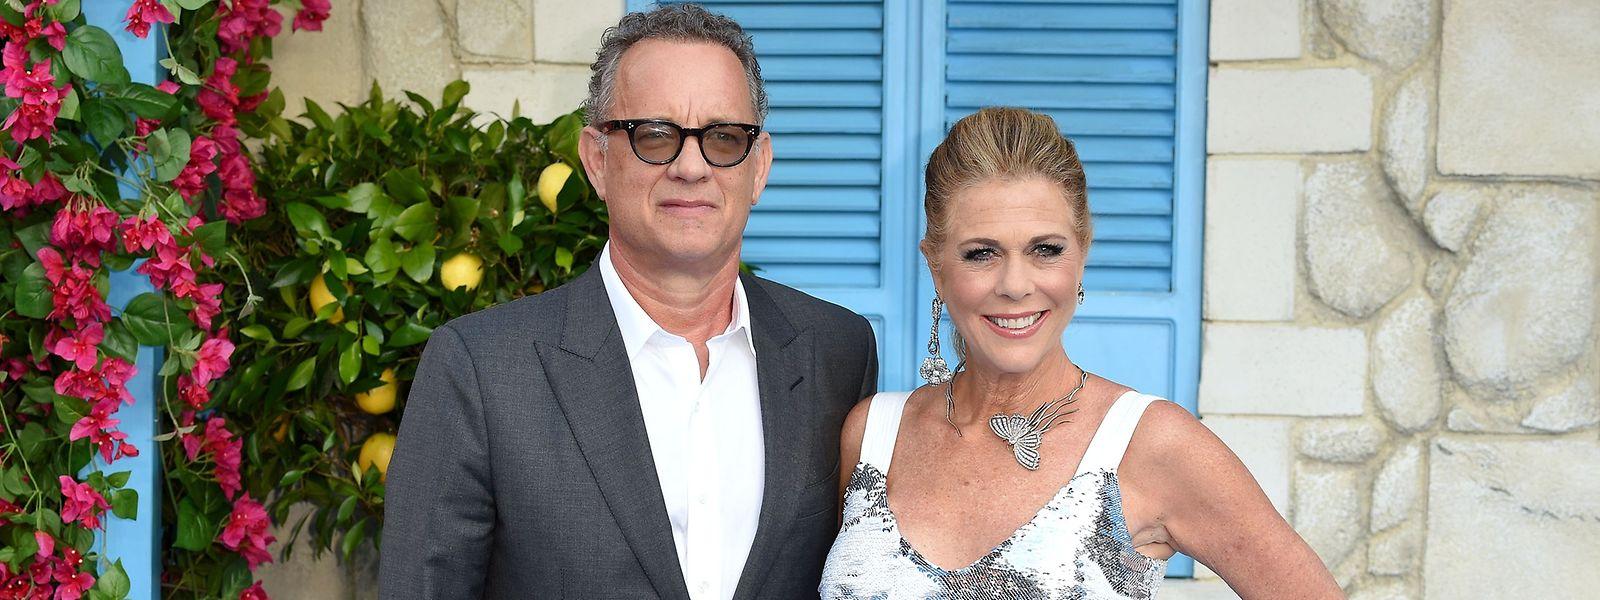 Tom Hanks und Ehefrau Rita Wilson gehörten zu den ersten Prominenten, die mit dem Virus infiziert waren.